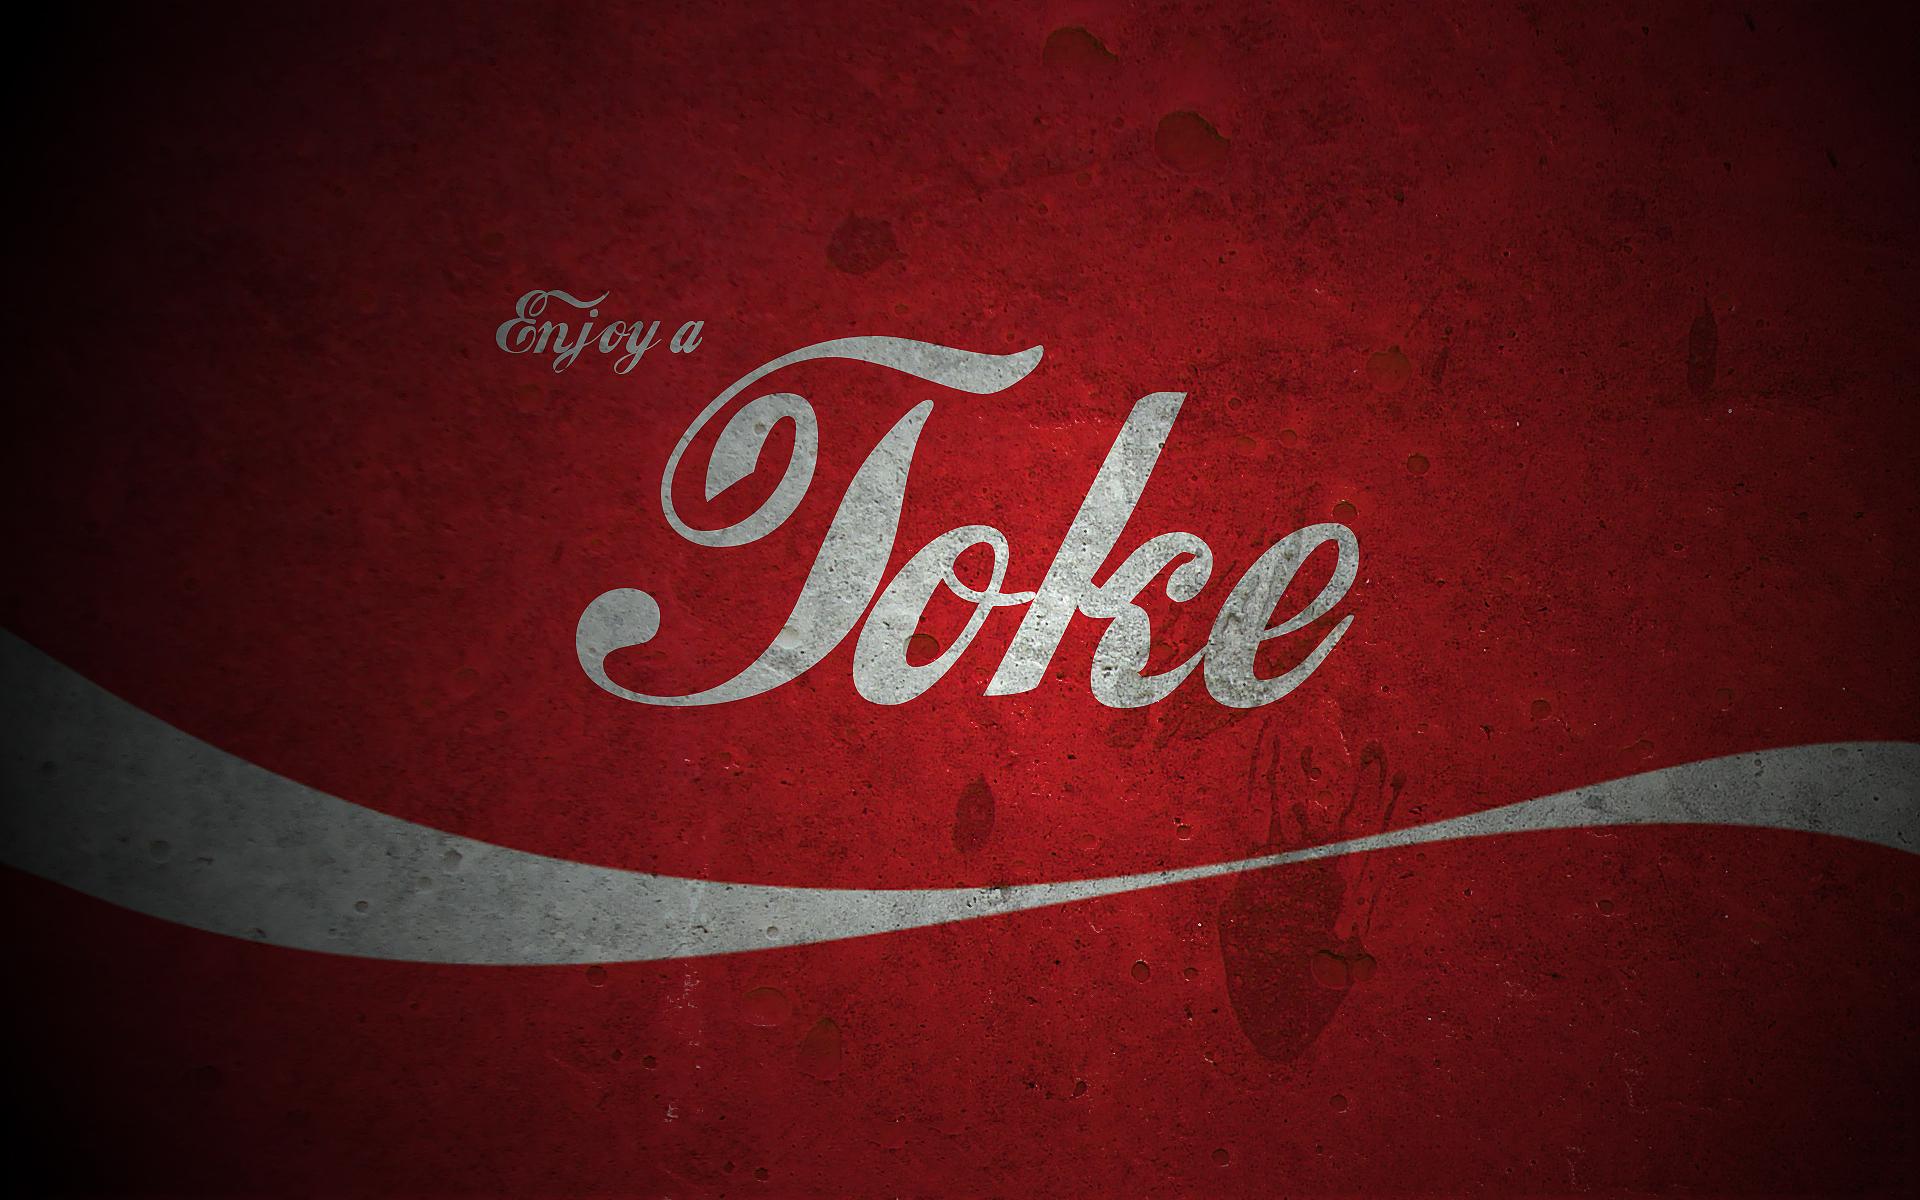 Enjoy a Joke